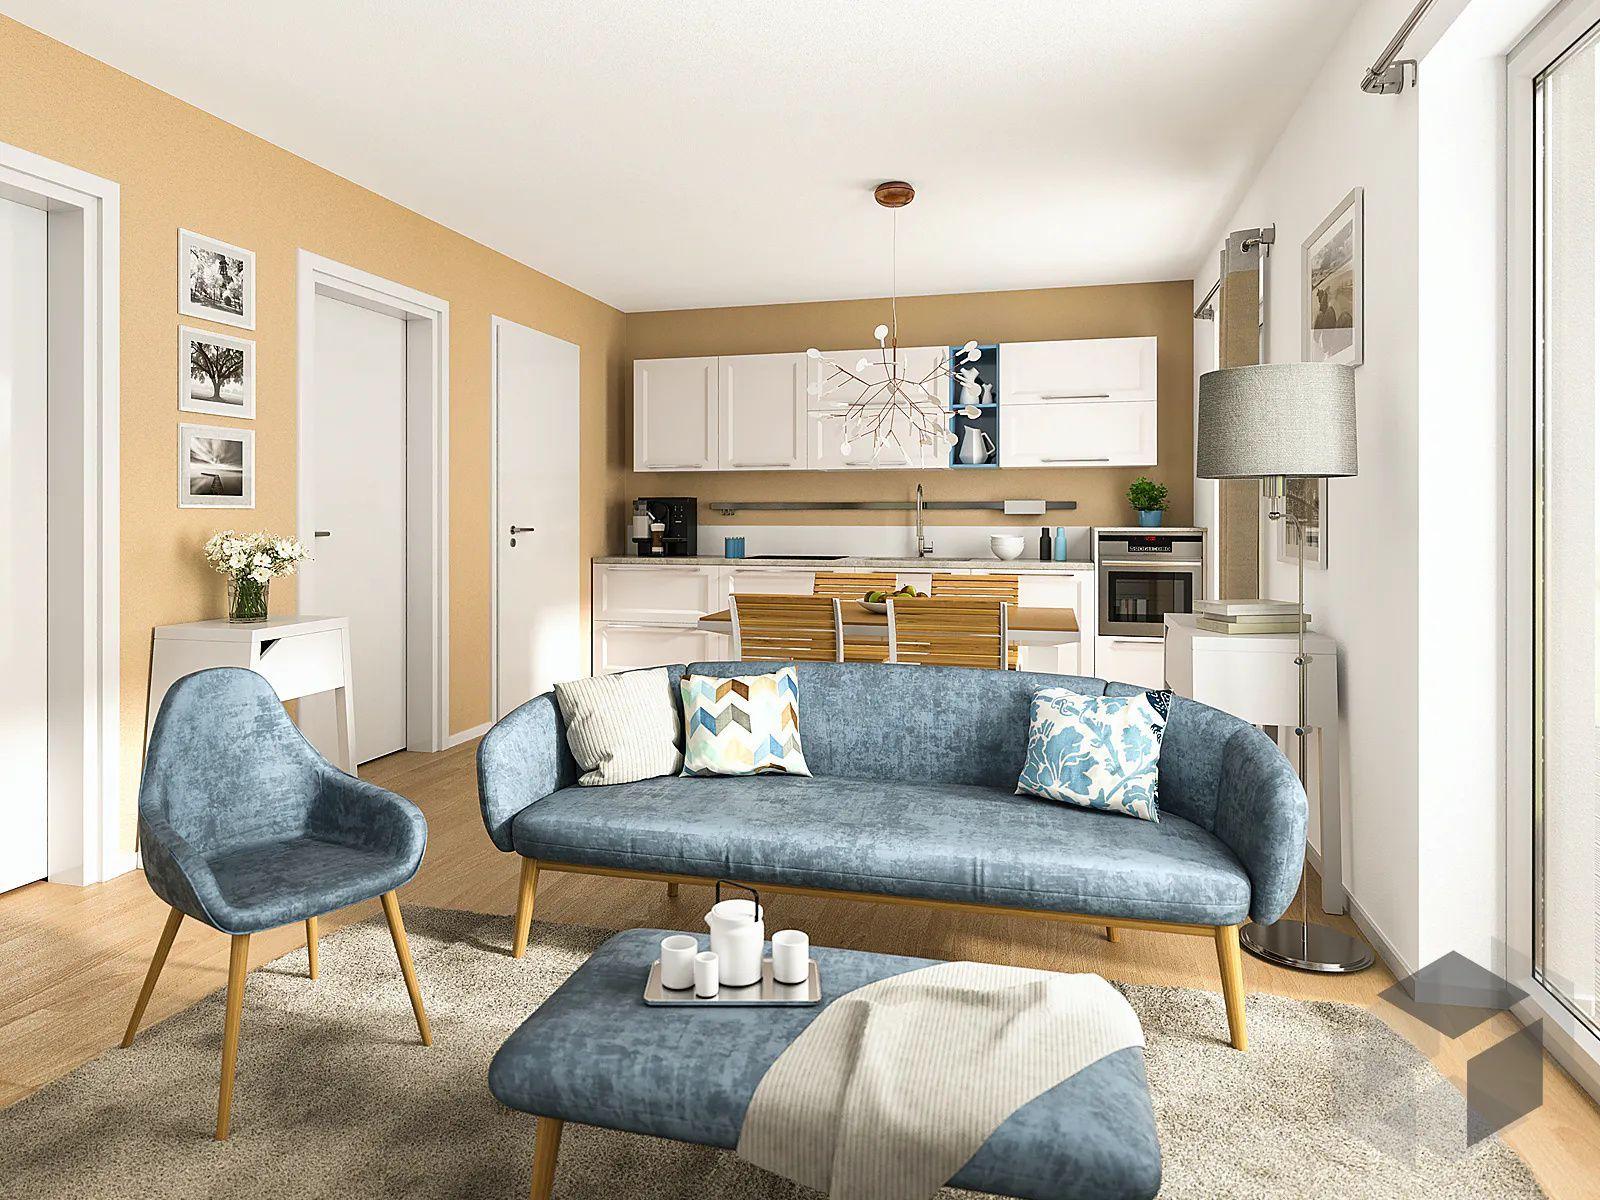 Wohnzimmer mit offener Küche klein   Wohnzimmer einrichten ...